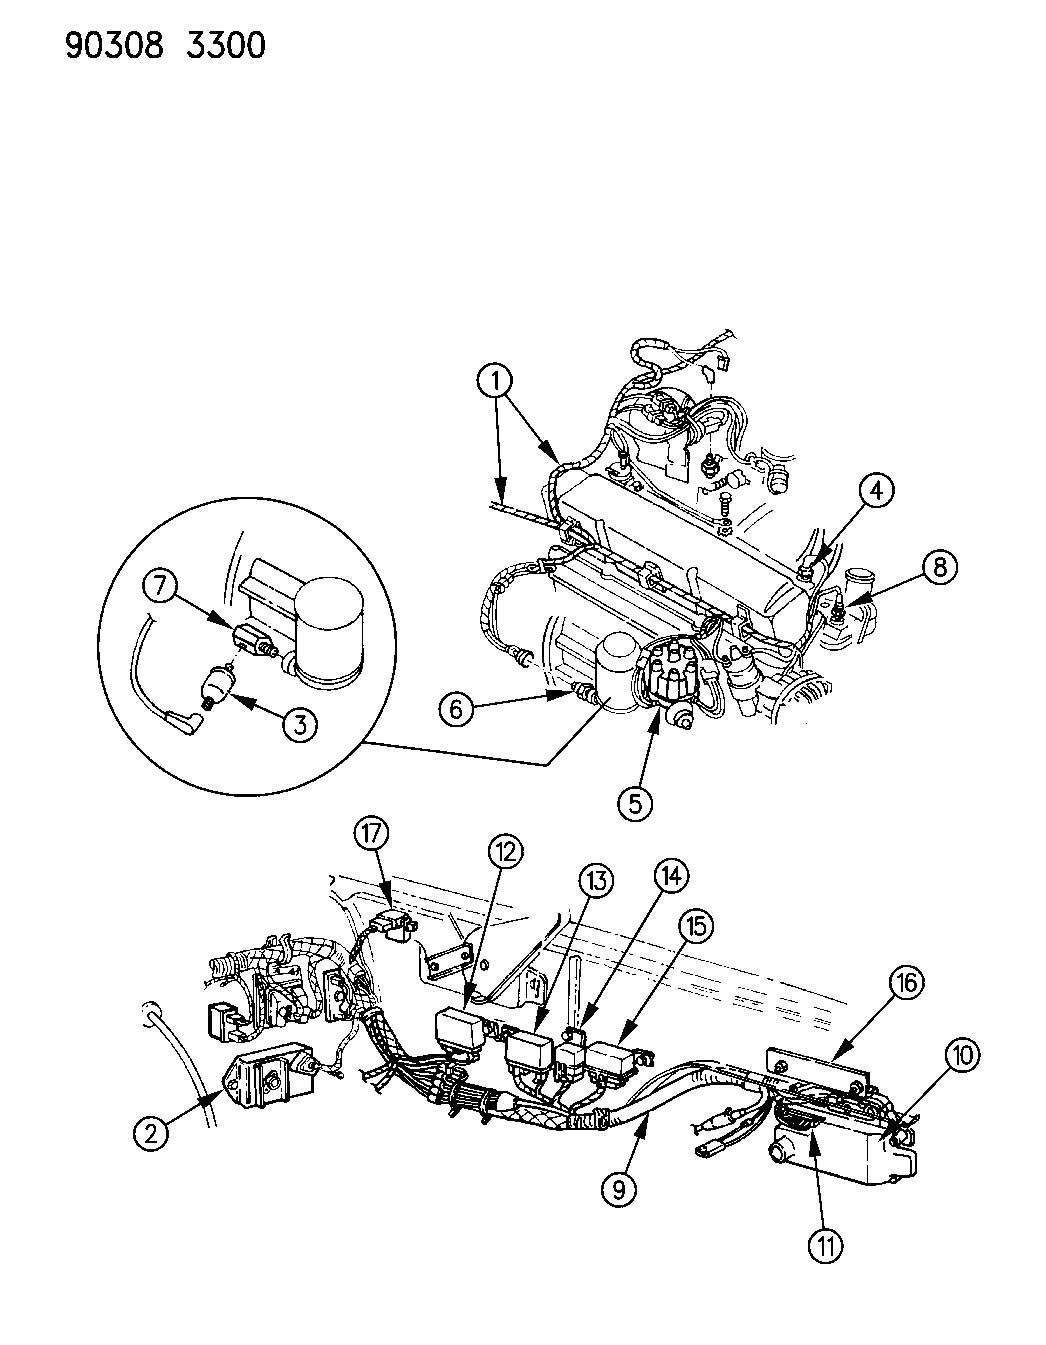 1992 dodge dakota fuel pump wiring diagram mitsubishi triton tail lights 92 chrysler lebaron engine free image